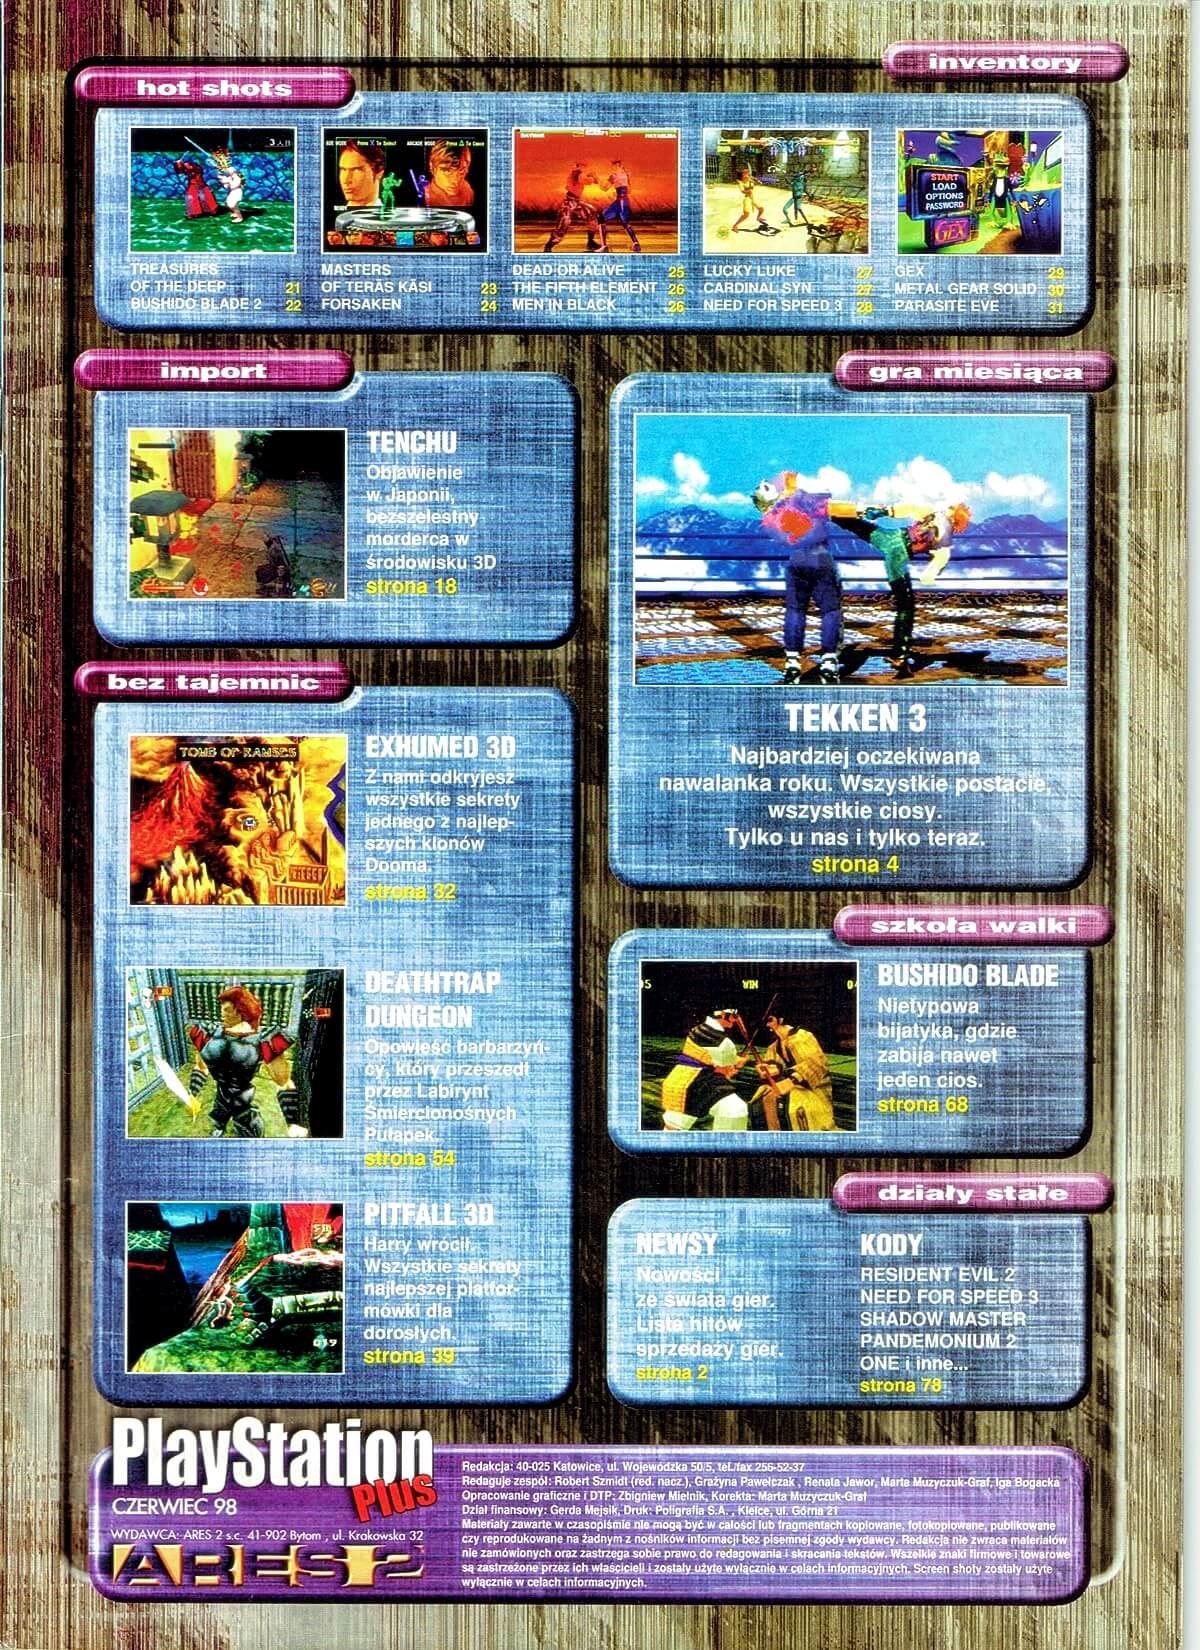 playstation plus magazyn 03 - PlayStation Plus 1/98